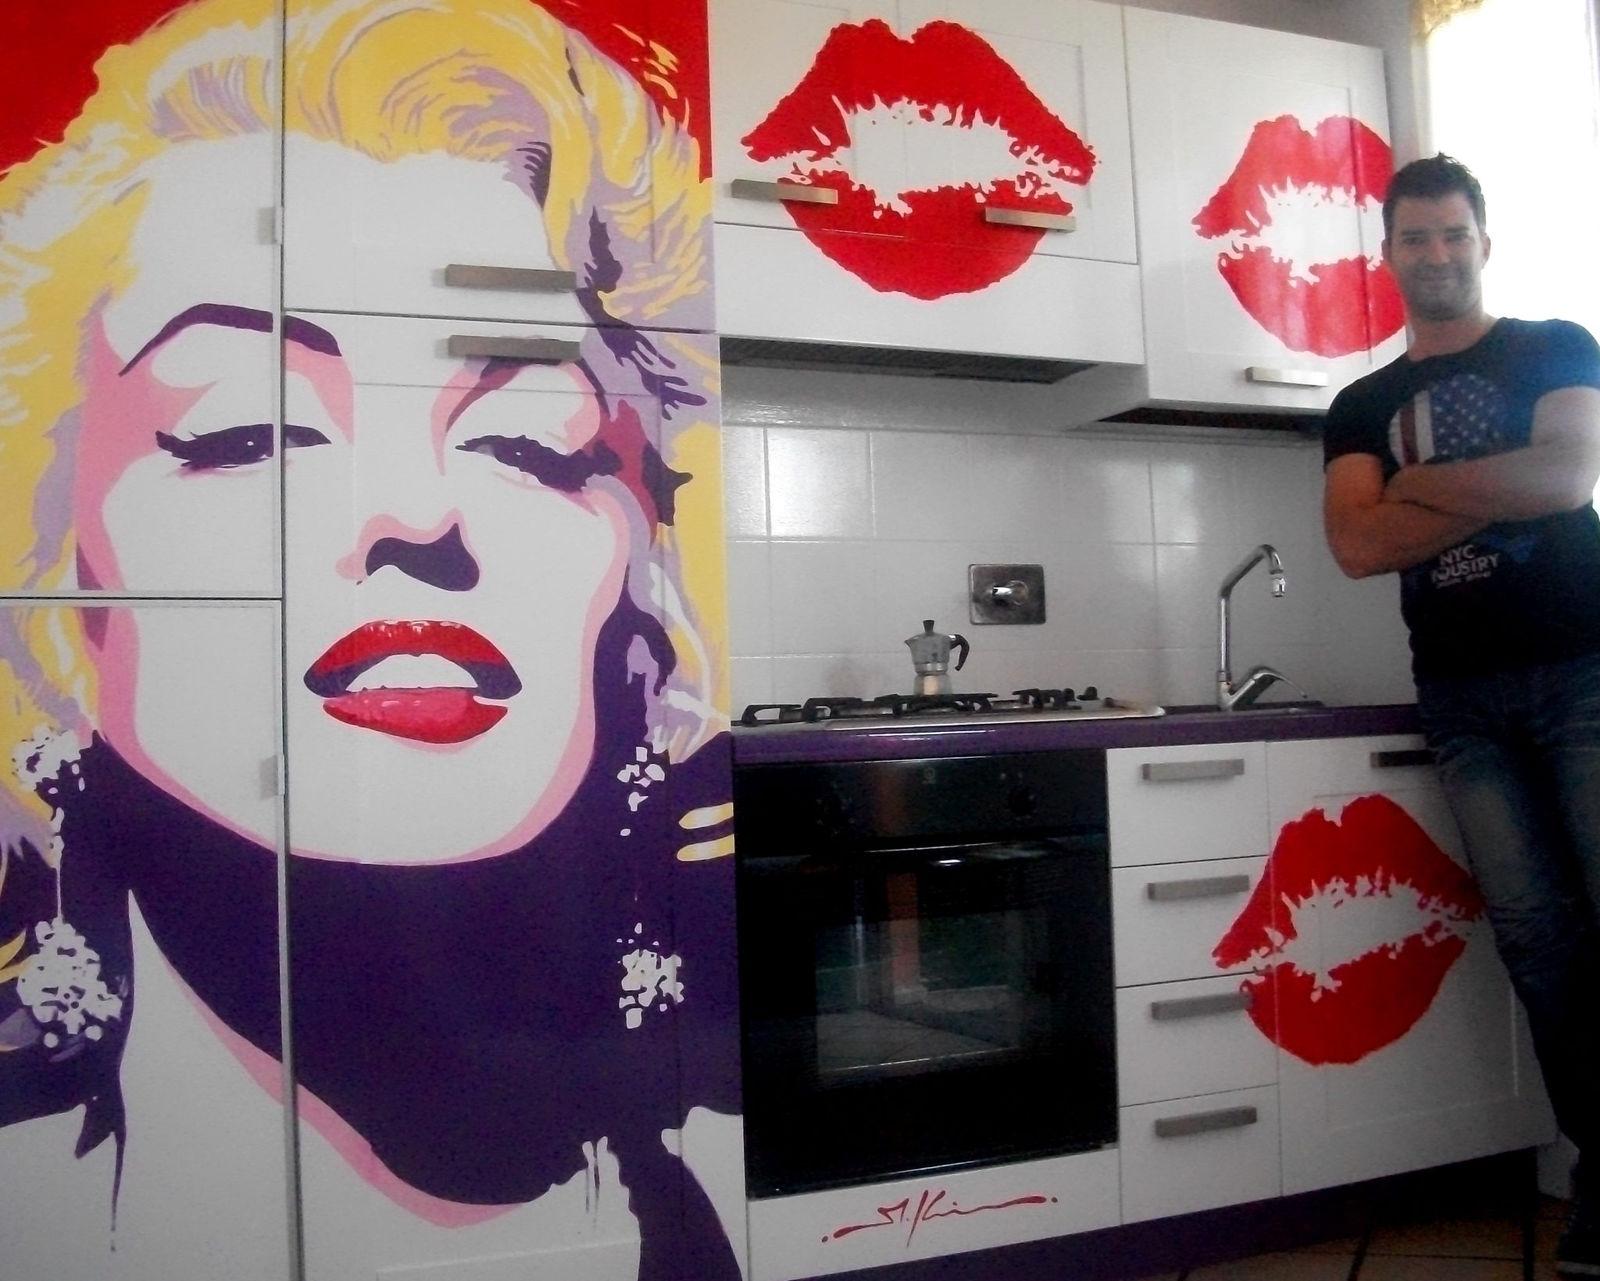 Классическую поп-арт инсталляцию можно устроить прямо на кухонных шкафчиках